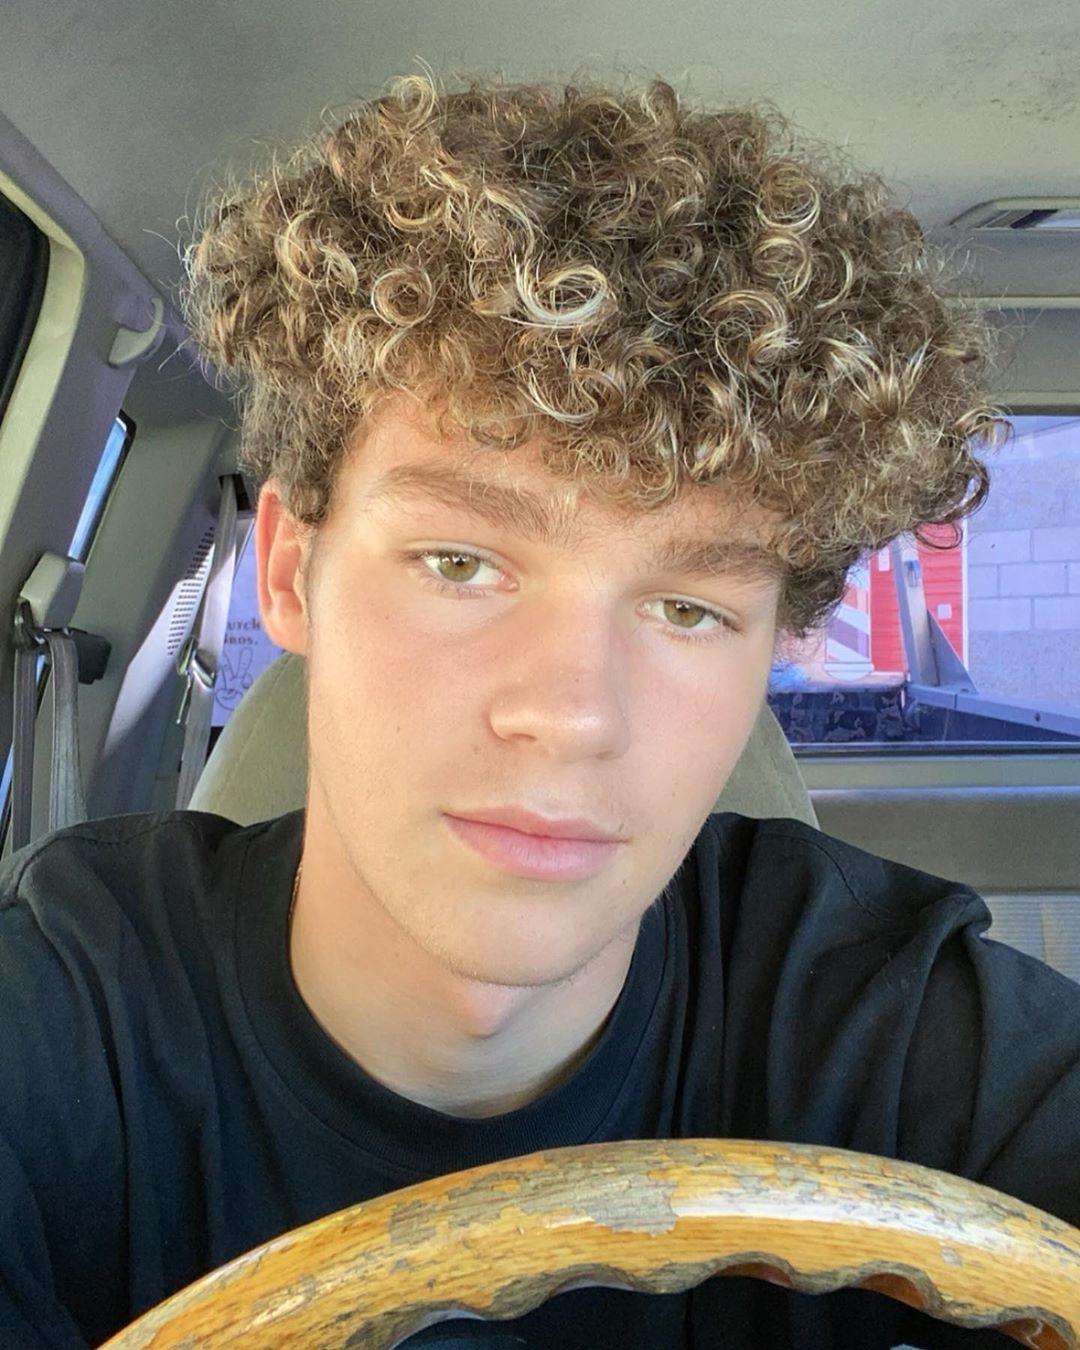 General photo of Hayden Summerall